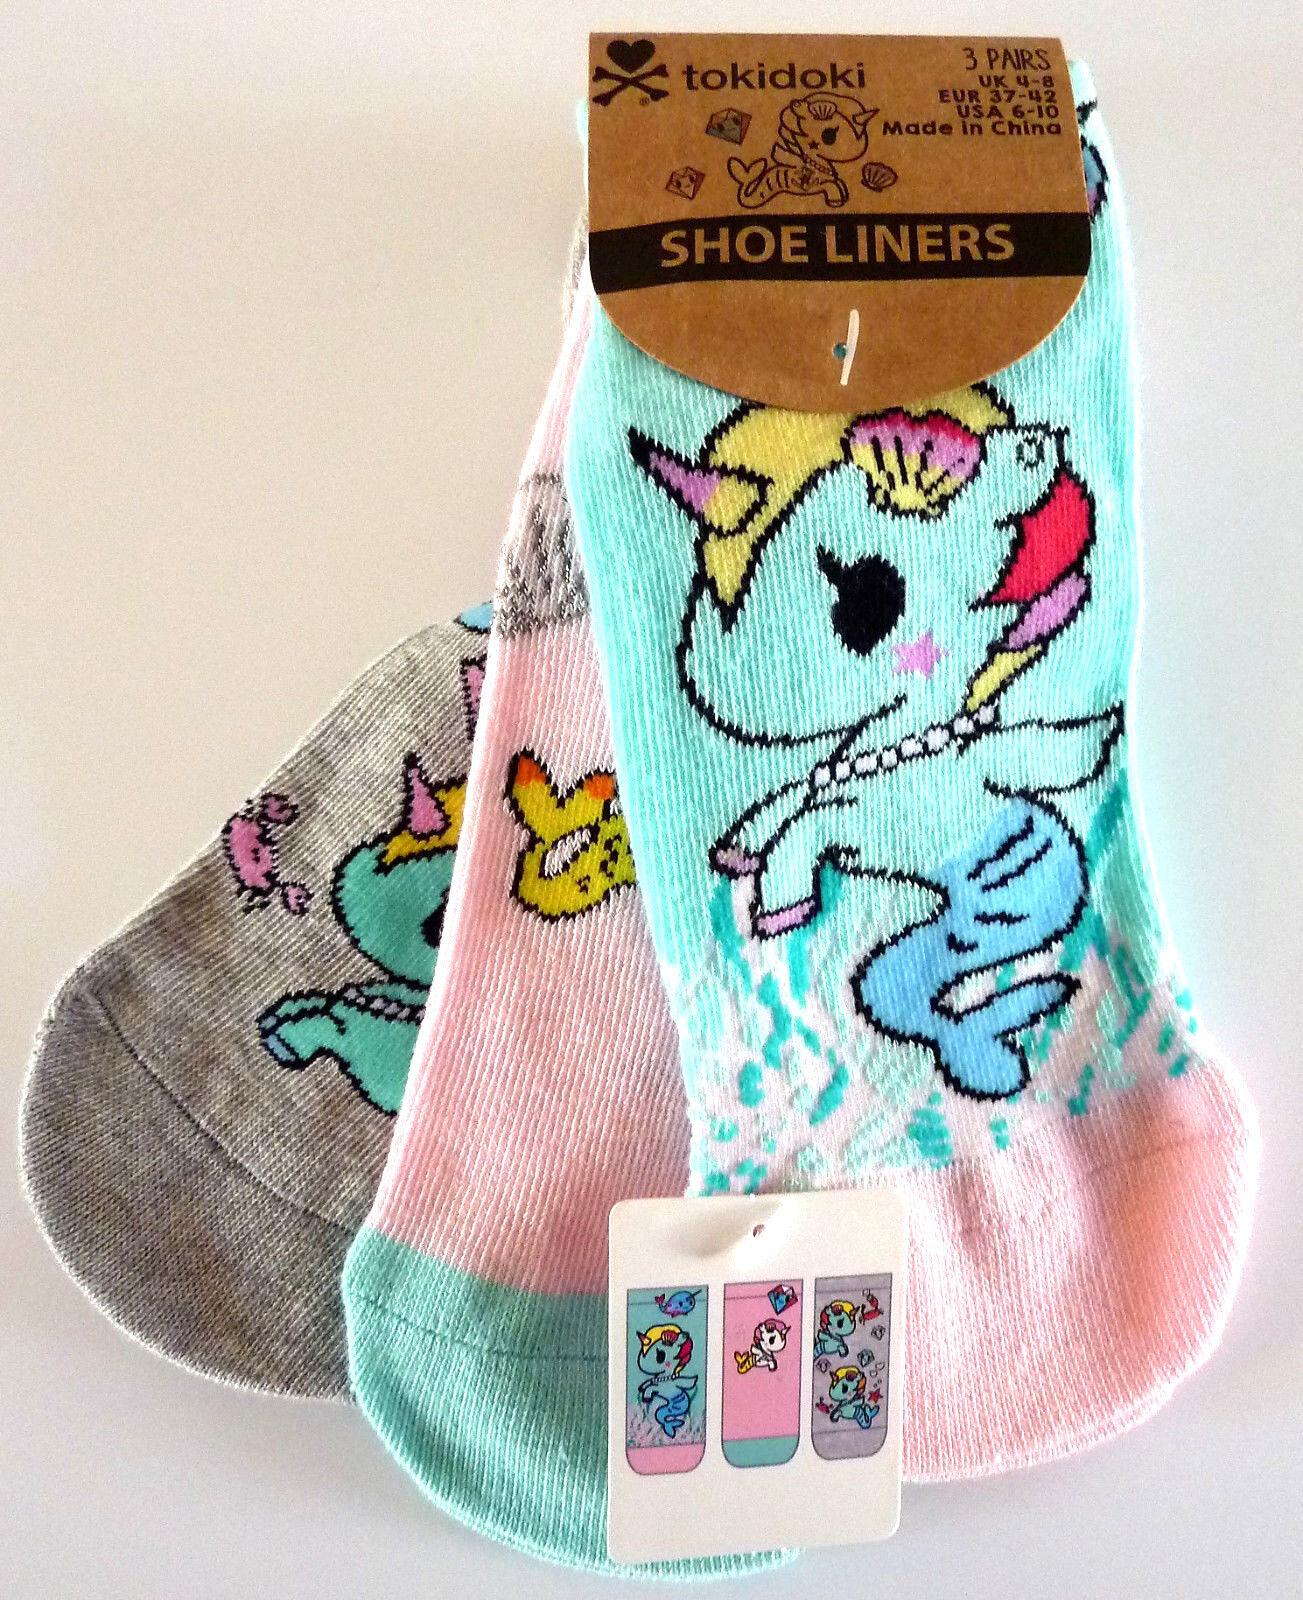 3 Paar Tokidoki Damen Socken Sneaker Set Einhorn Meerjungfrau 37-38-39-40-41-42